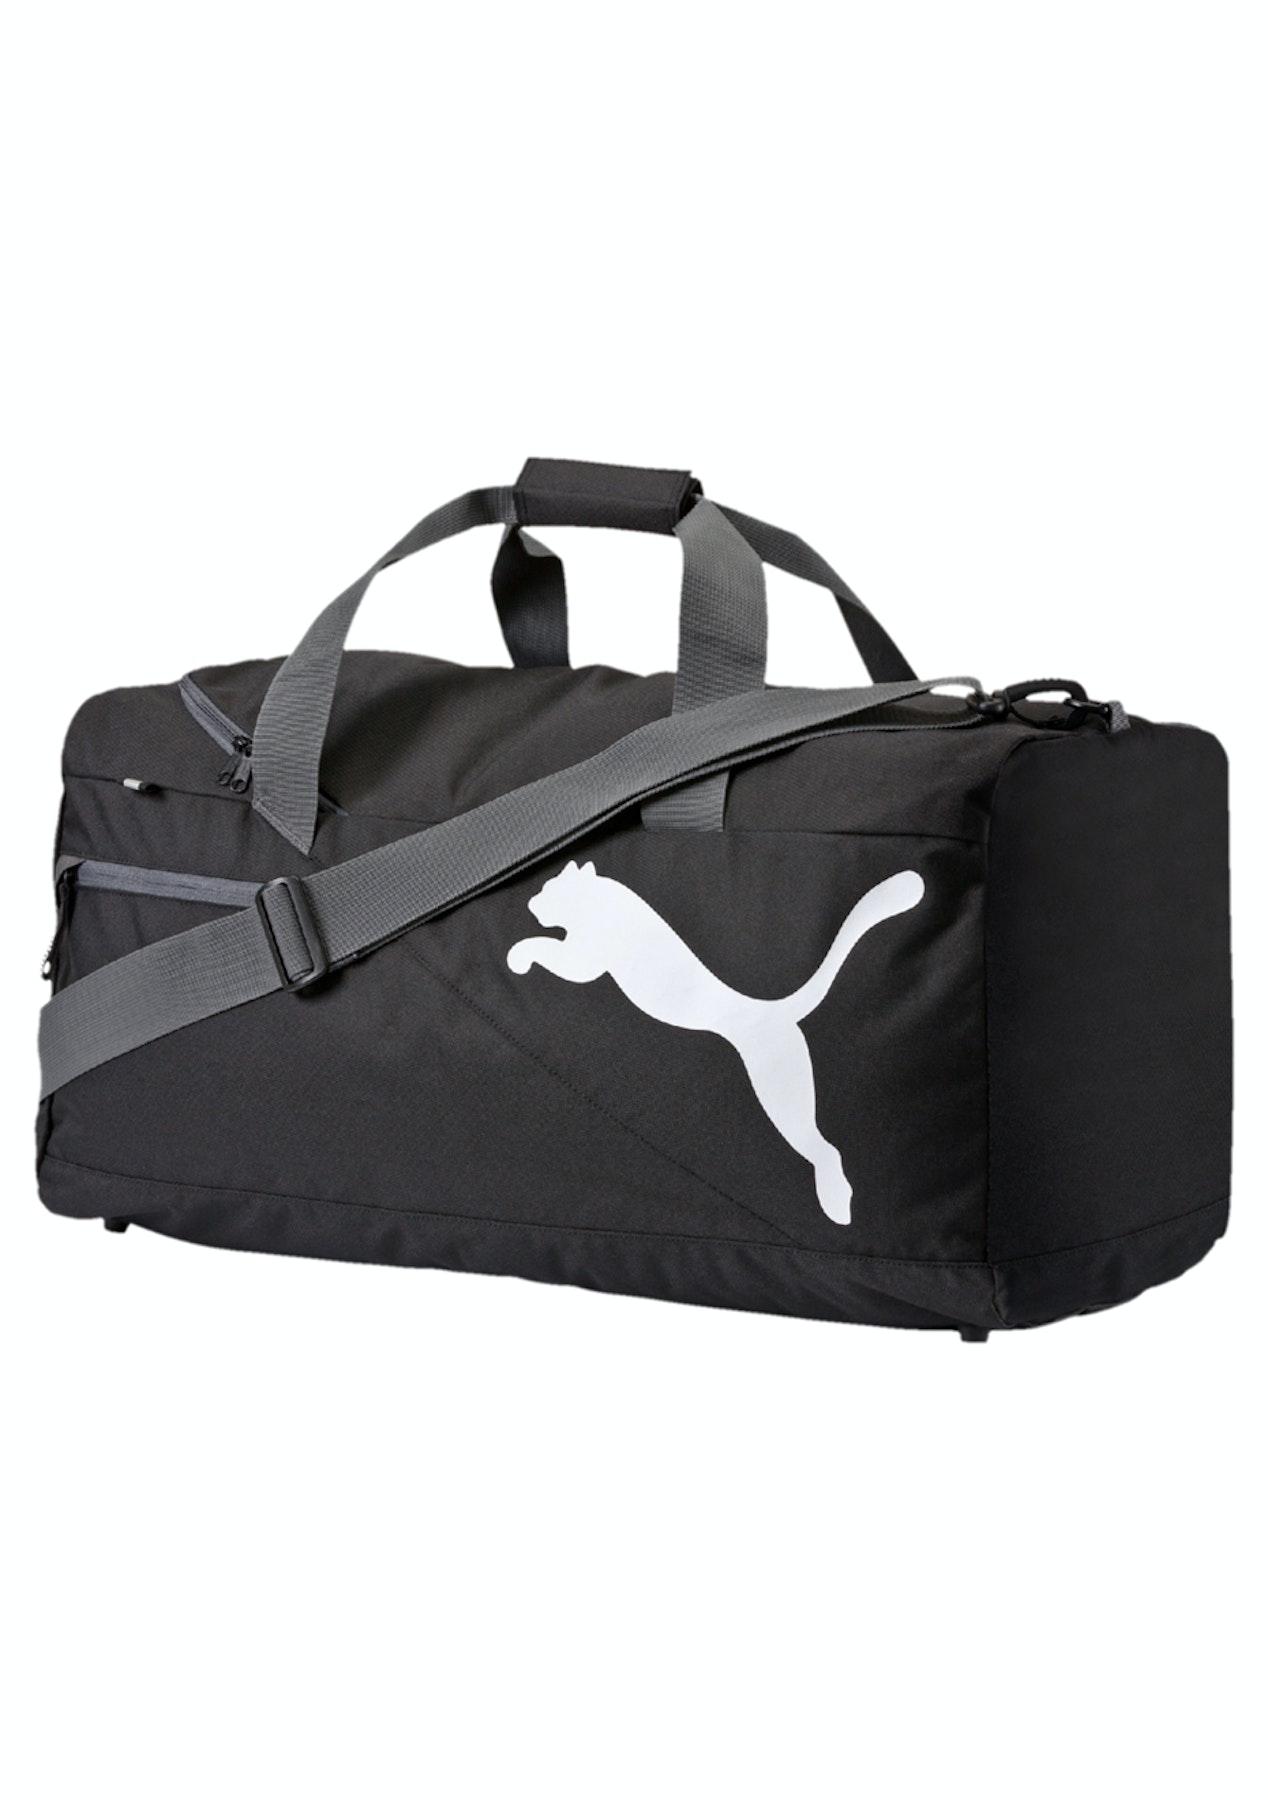 1d4eb0511c22 Puma Mens - Fundamentals Sports Bag M Black - Puma Mens up to 67% Off -  Onceit